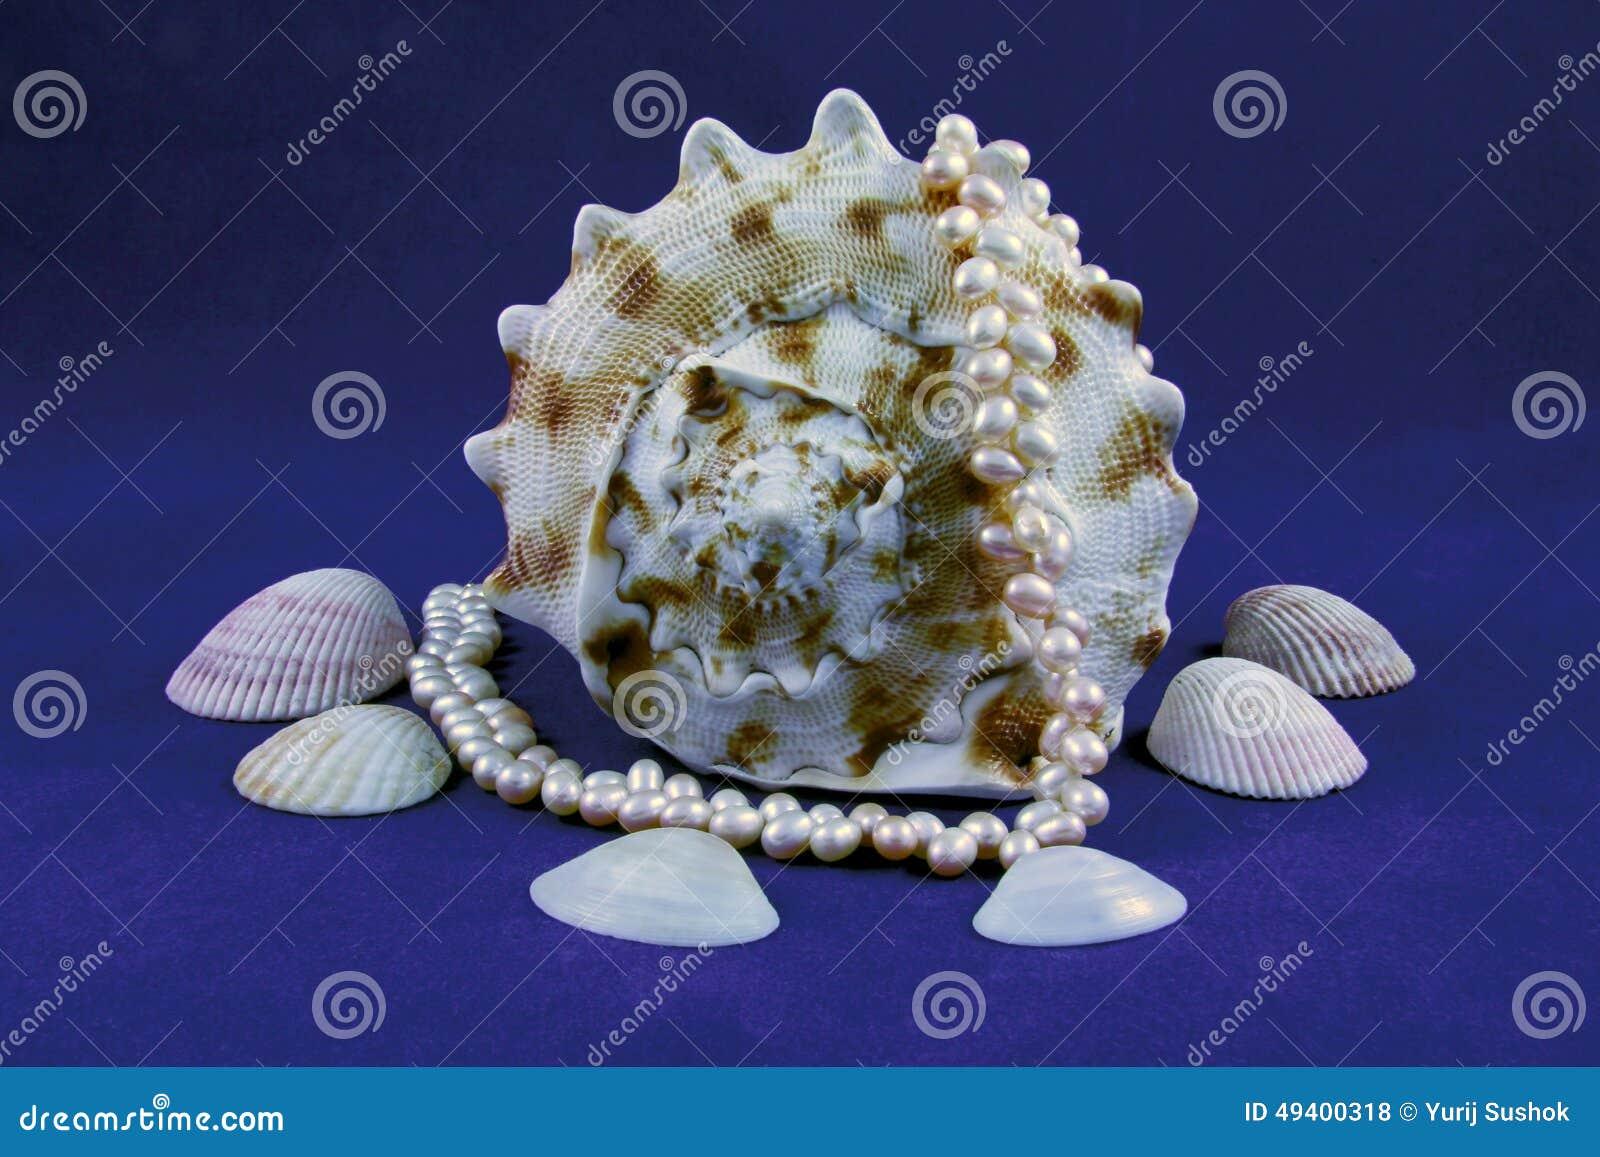 Download Seashell und Perlen stockfoto. Bild von luxus, nahaufnahme - 49400318